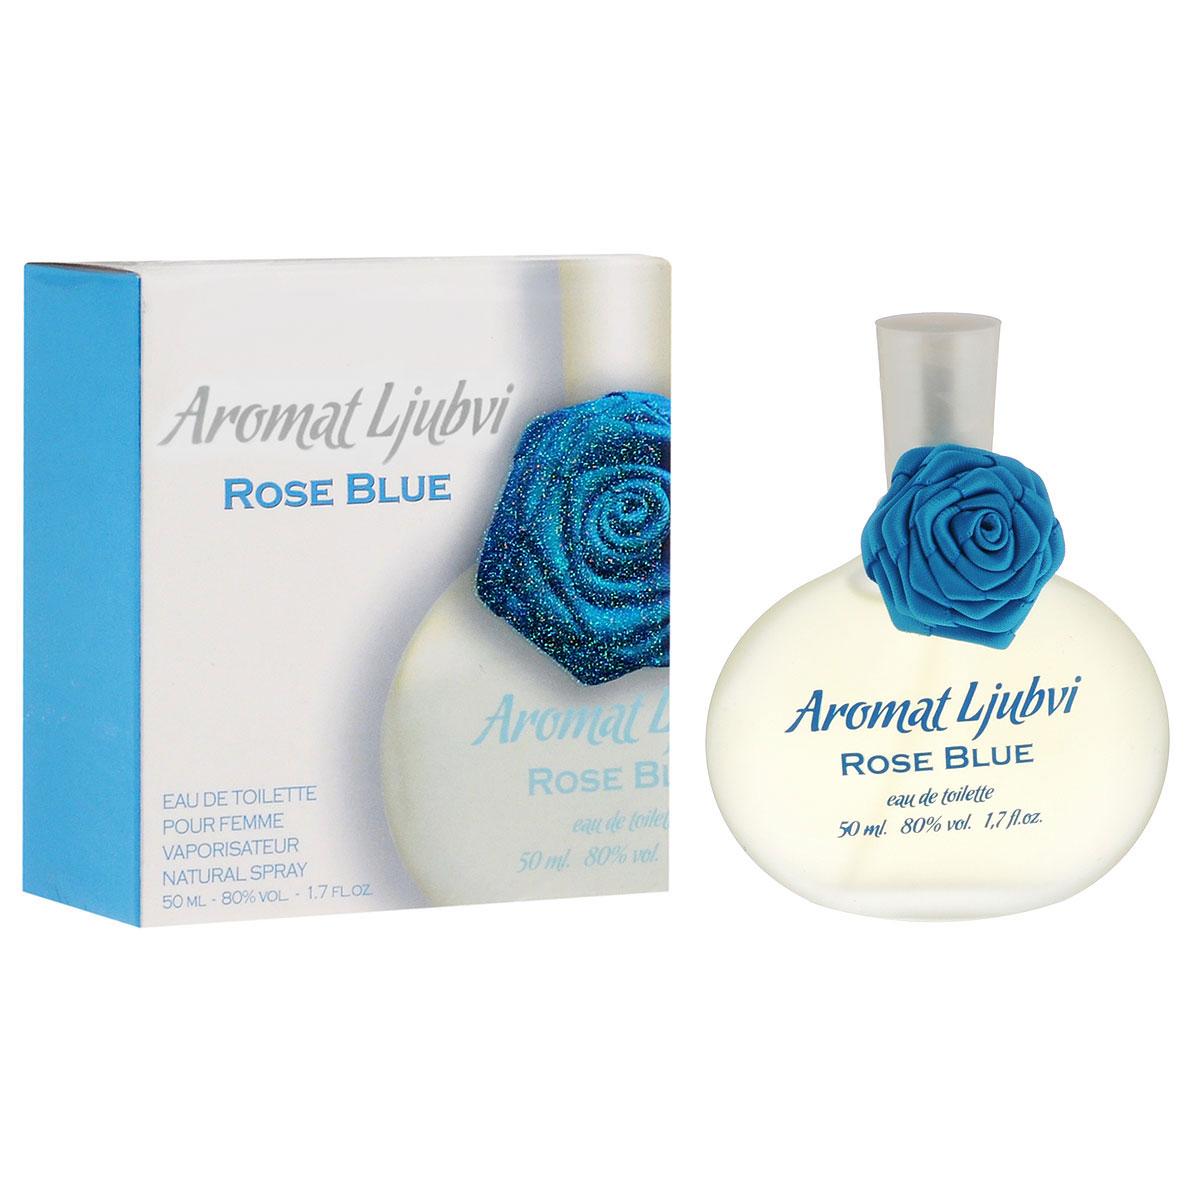 Apple Parfums Туалетная вода Aromat Ljubvi. Rose Blue, женская, 50 мл41683Прекрасный легкий женский аромат Aromat Ljubvi. Rose Blue от Apple Parfums охватывает свою обладательницу волной свежести. Он пробуждает различные чувства, даря счастливые и жизнерадостные моменты. Классификация аромата : свежий, цветочный. Пирамида аромата : Верхние ноты: зеленые листья, травяные ноты. Ноты сердца: водяной аккорд. Ноты шлейфа: кедр, мускус. Ключевые слова Свежий, жизнерадостный! Туалетная вода - один из самых популярных видов парфюмерной продукции. Туалетная вода содержит 4-10% парфюмерного экстракта. Главные достоинства данного типа продукции заключаются в доступной цене, разнообразии форматов (как правило, 30, 50, 75, 100 мл), удобстве использования (чаще всего - спрей). Идеальна для дневного использования. Товар сертифицирован.